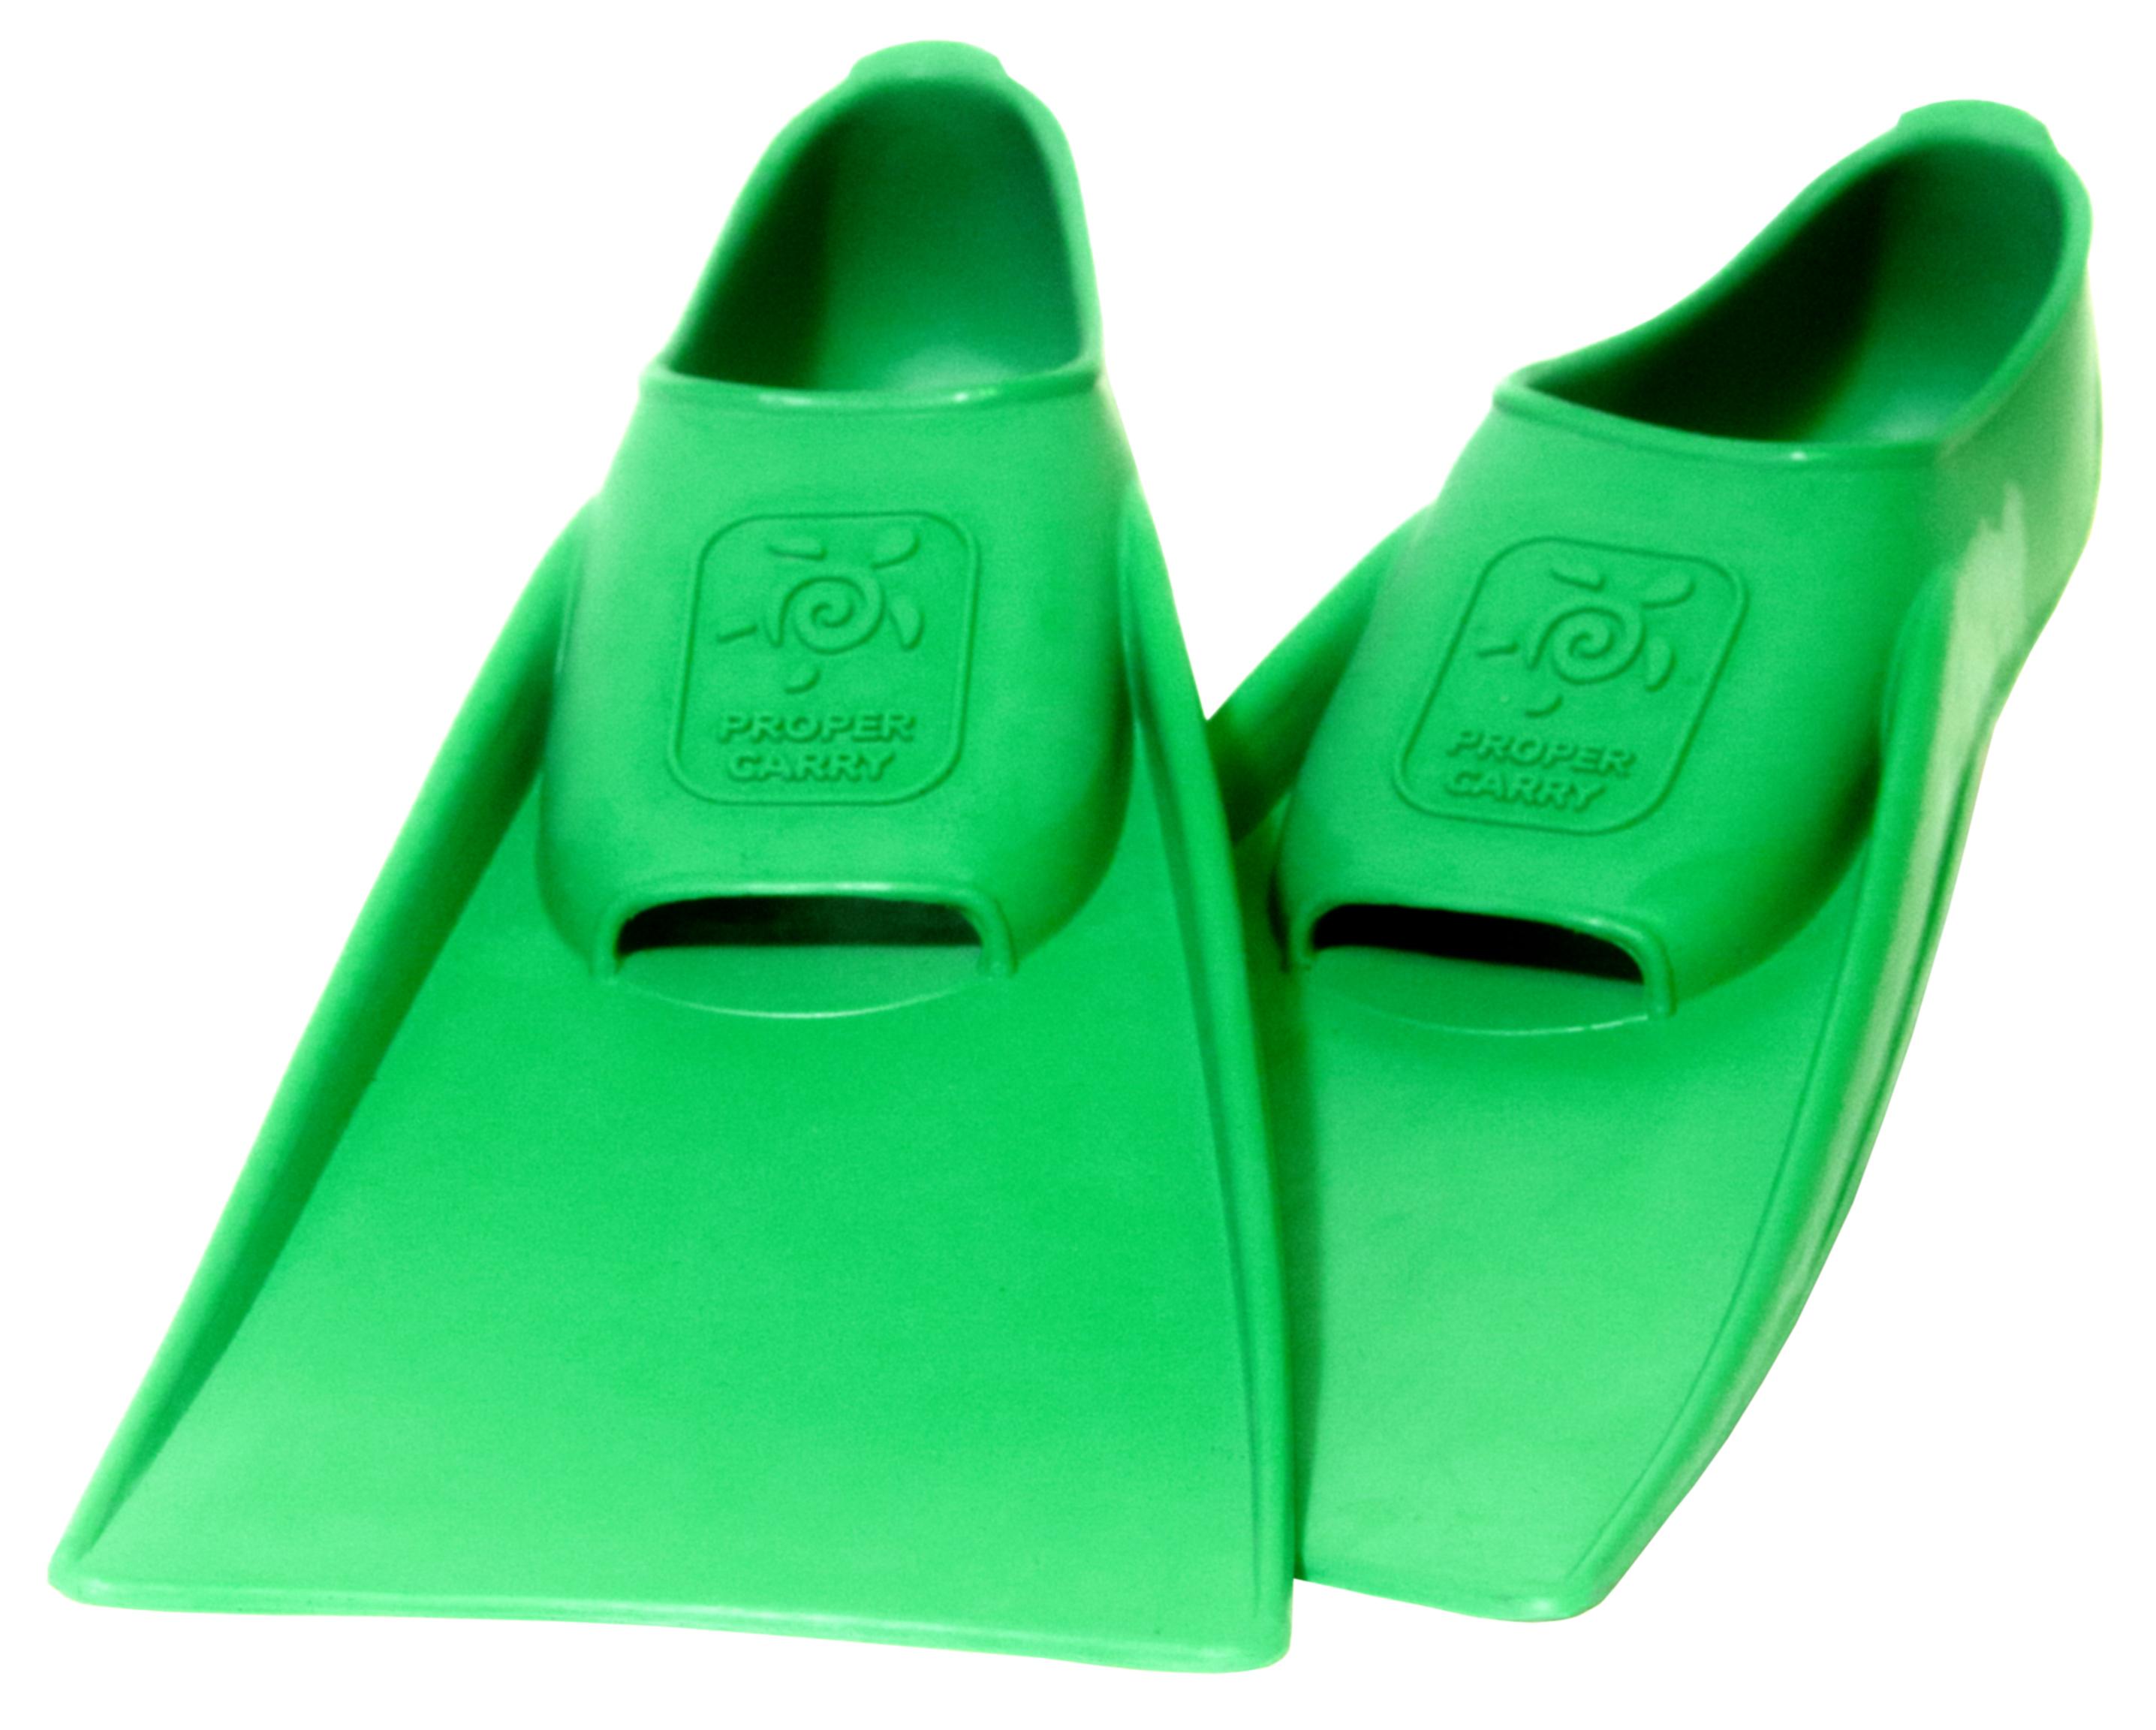 Грудничковые каучуковые ласты для бассейна ProperCarry FLOATING маленькие размеры 21-22, 23-24, 25-26, 27-28, 29-30, - фото 1